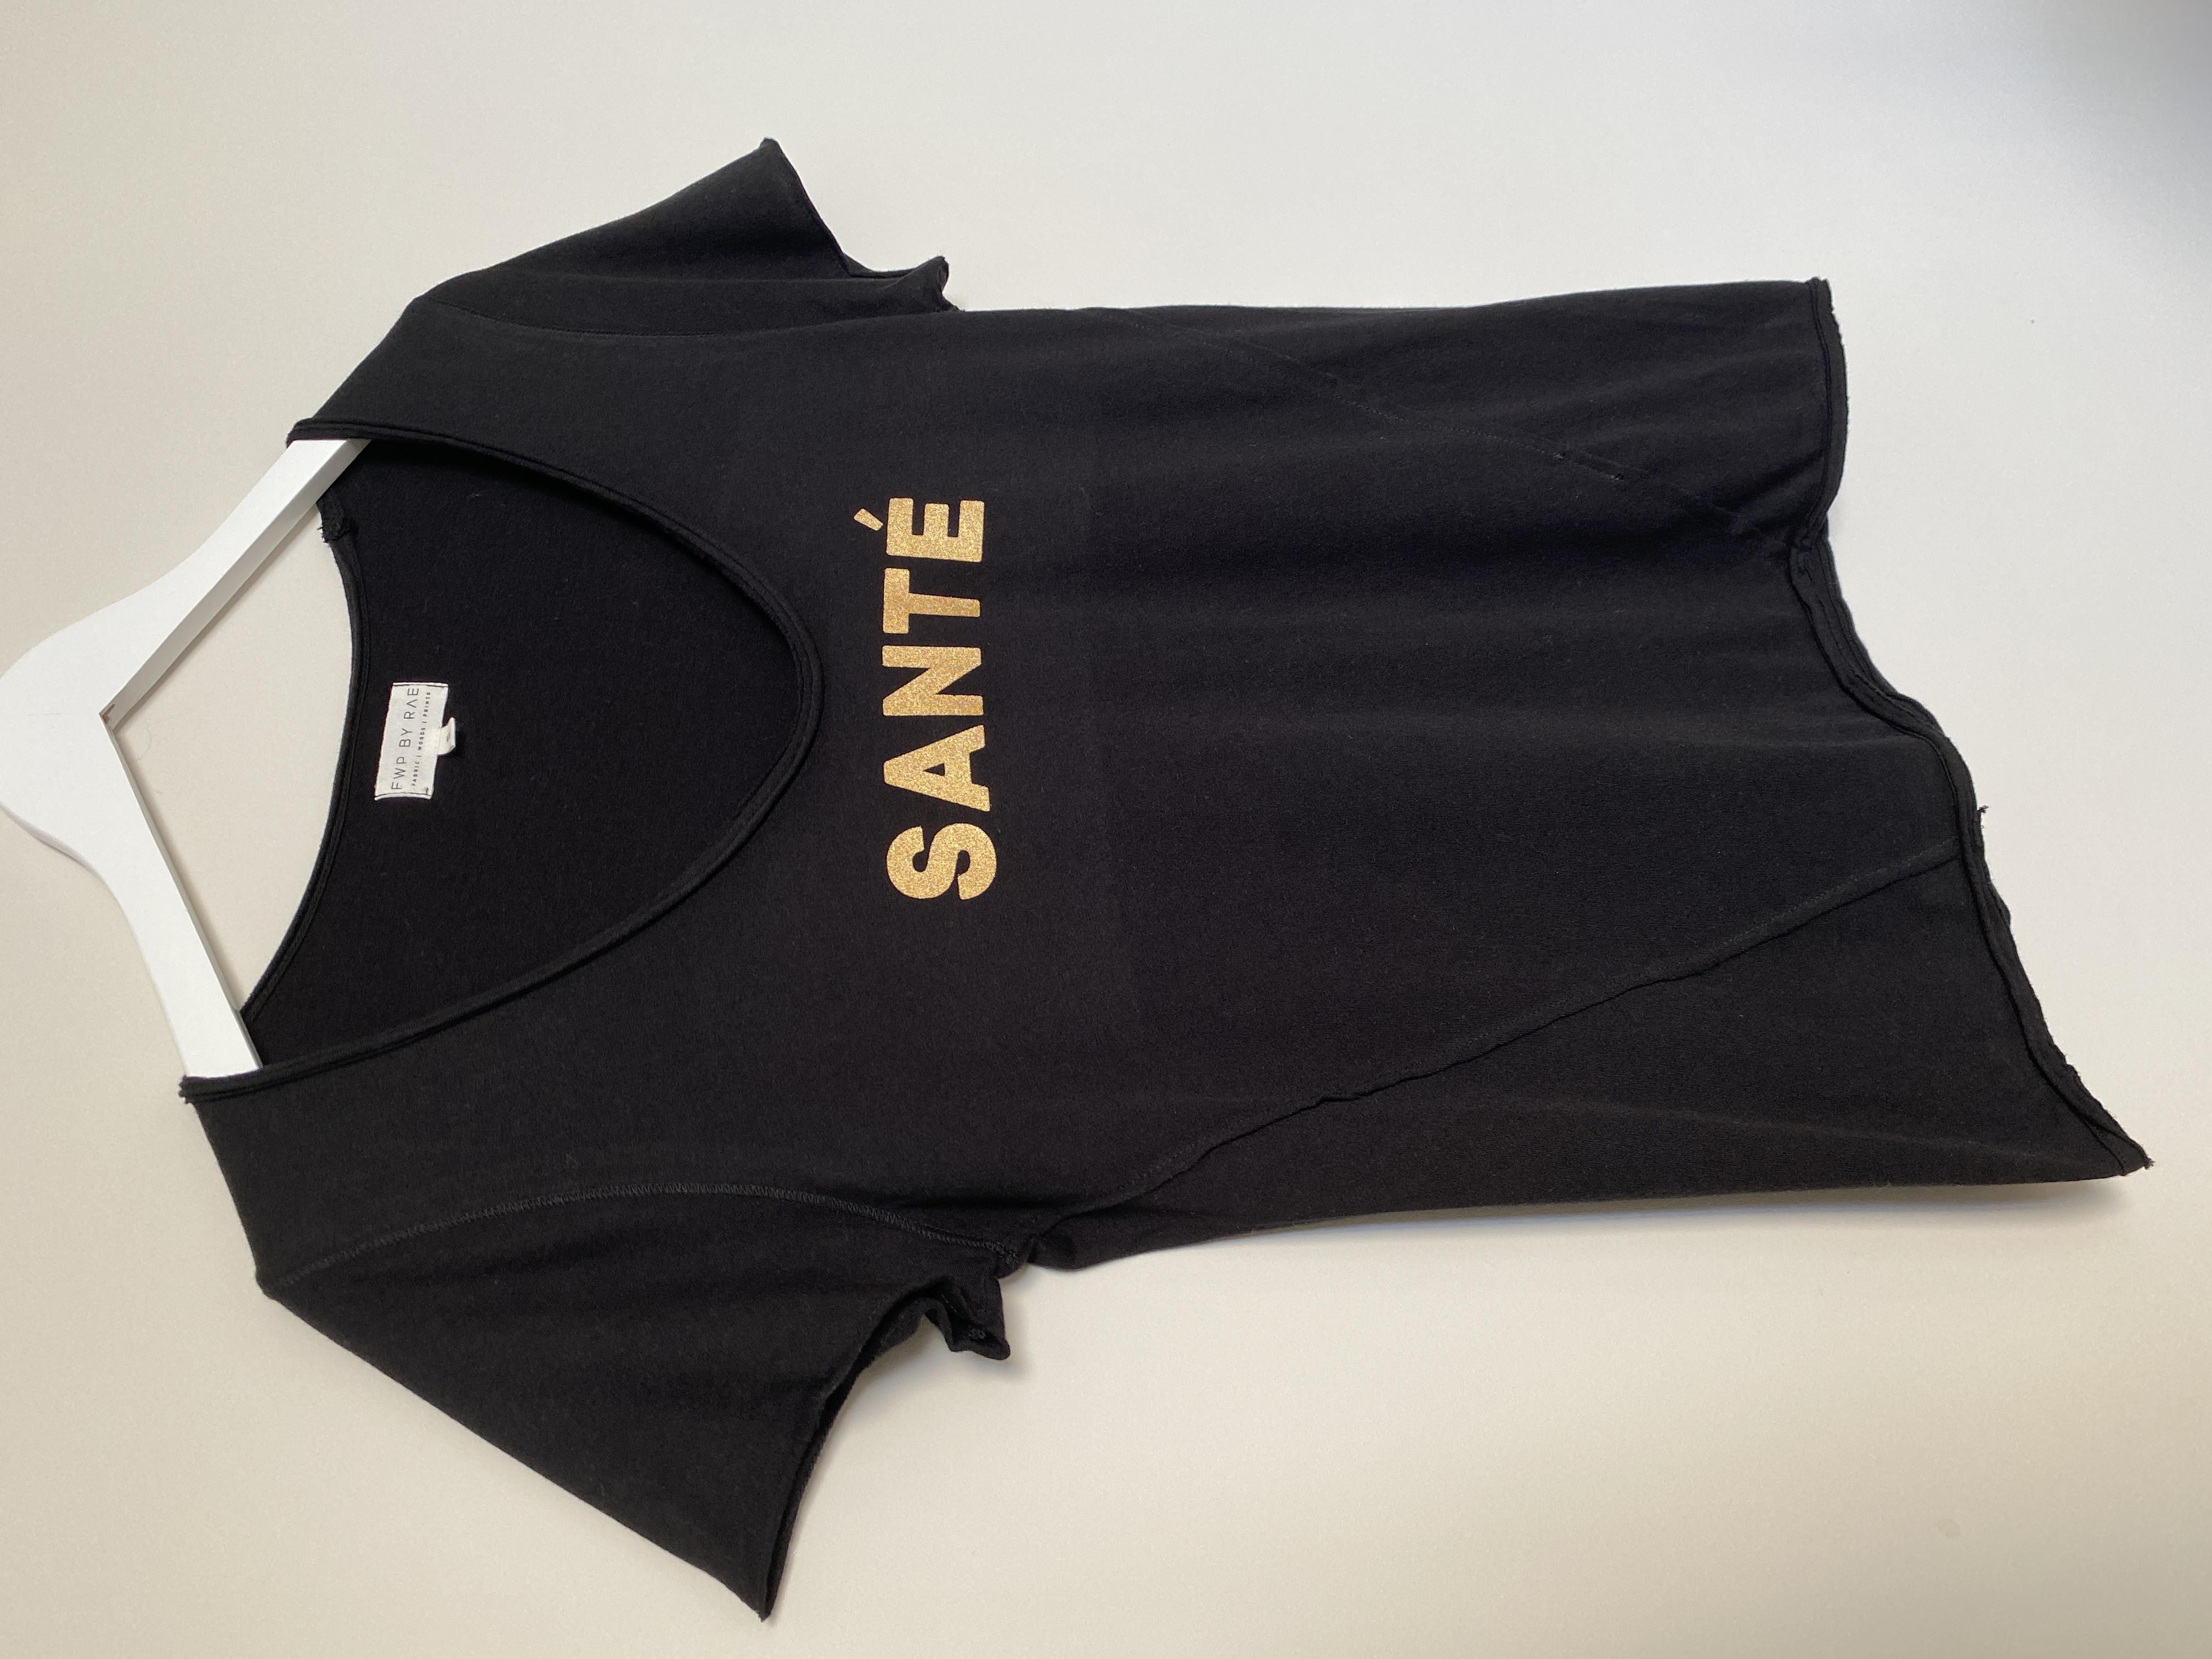 santé slogan t-shirt black